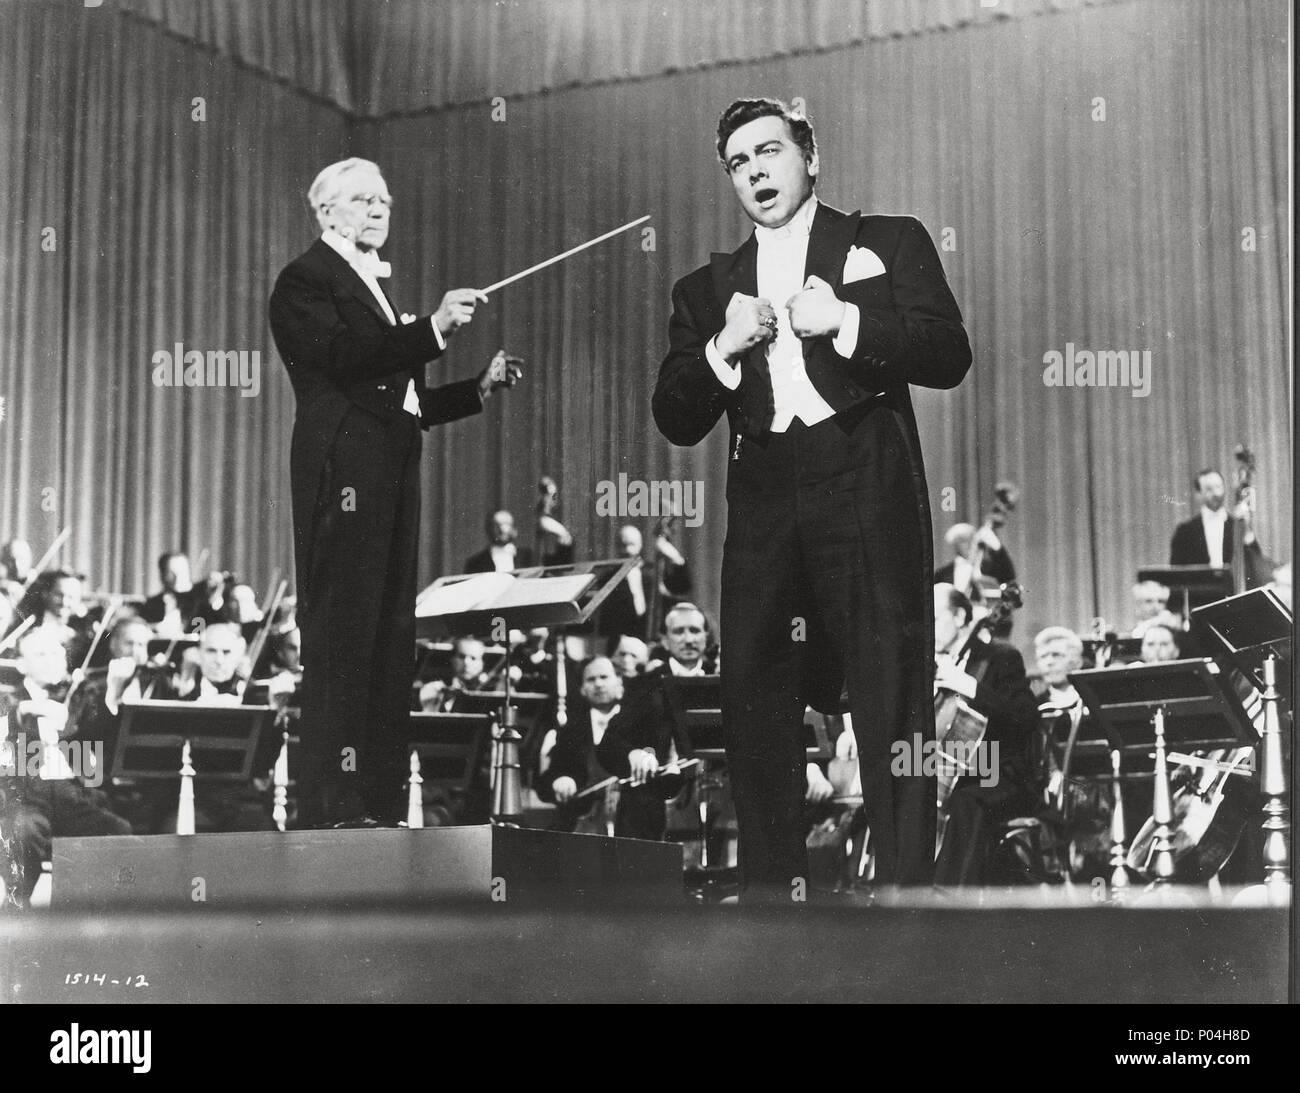 Original Film Title: THE GREAT CARUSO.  English Title: THE GREAT CARUSO.  Film Director: RICHARD THORPE.  Year: 1951.  Stars: MARIO LANZA. Credit: M.G.M / Album Stock Photo